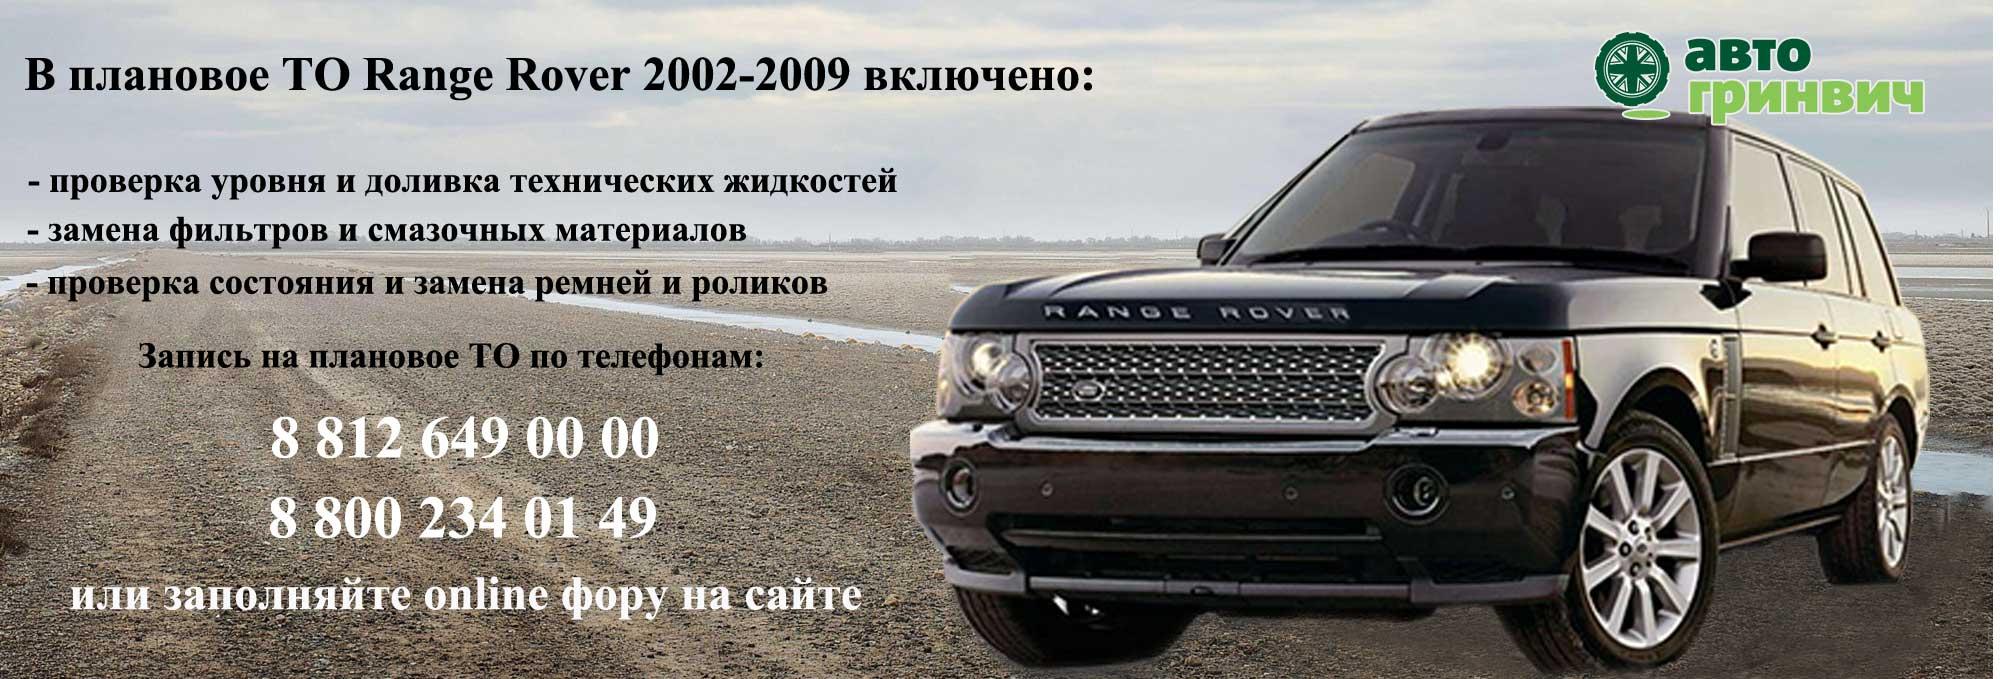 TO RANGE ROVER 2002-2009